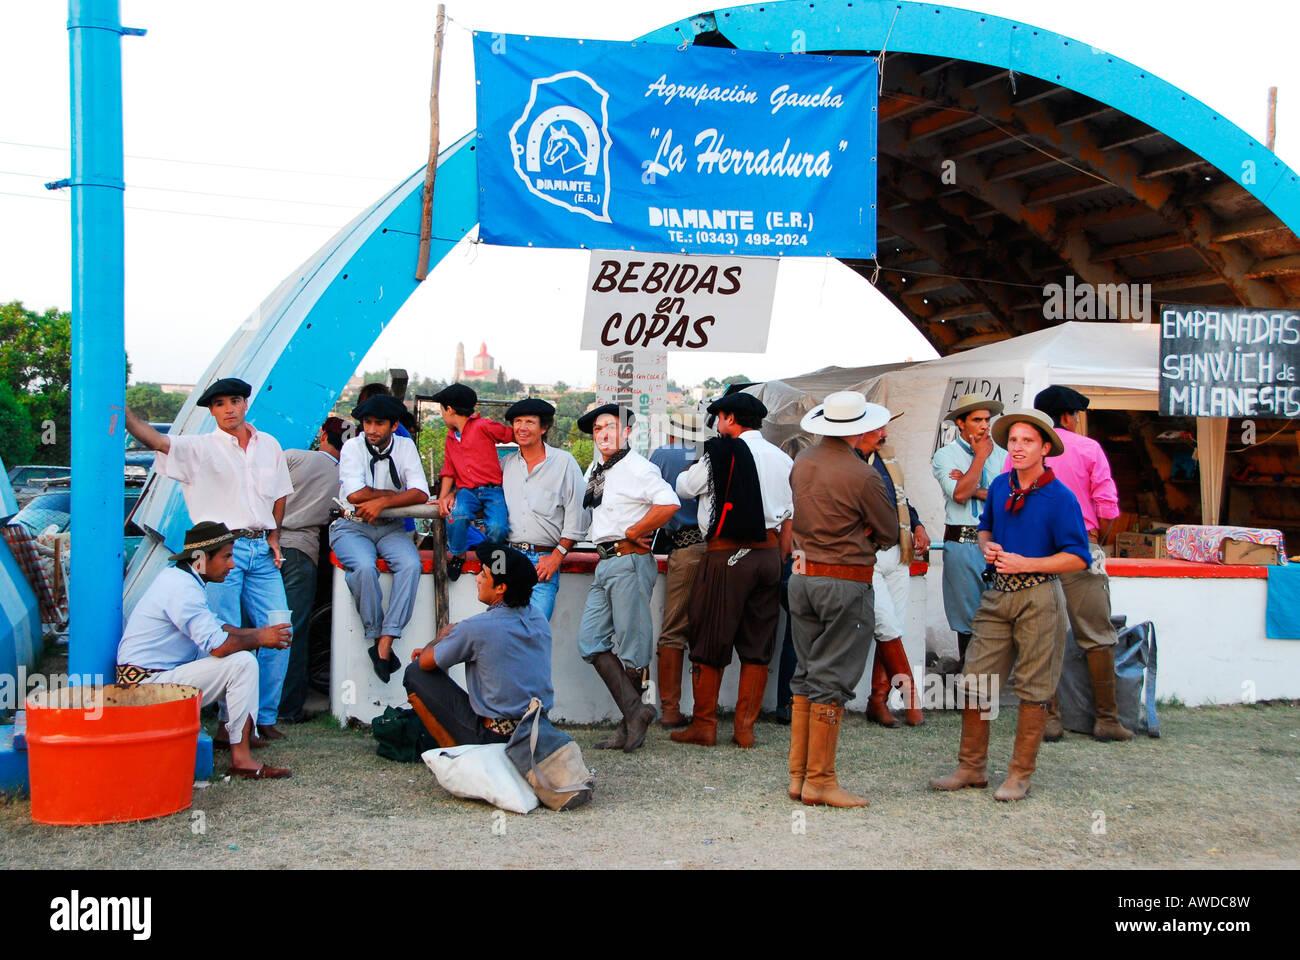 Gauchos, Diamante, Entre Ríos province, Argentina - Stock Image